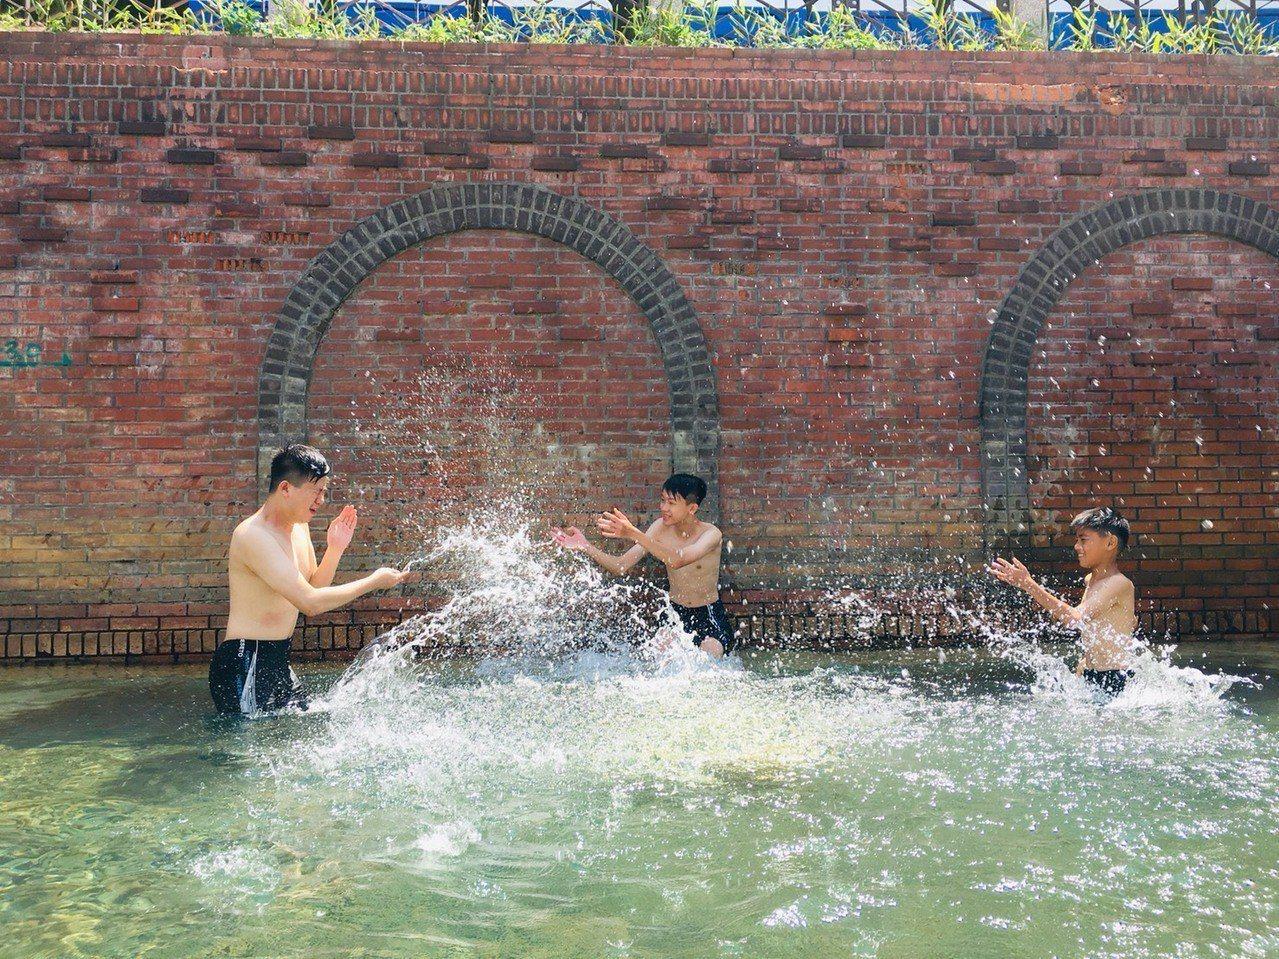 蘇澳冷泉新園區規畫冷熱雙泉湯屋、大眾池區及戶外休憩空間。圖/蘇澳鎮公所提供